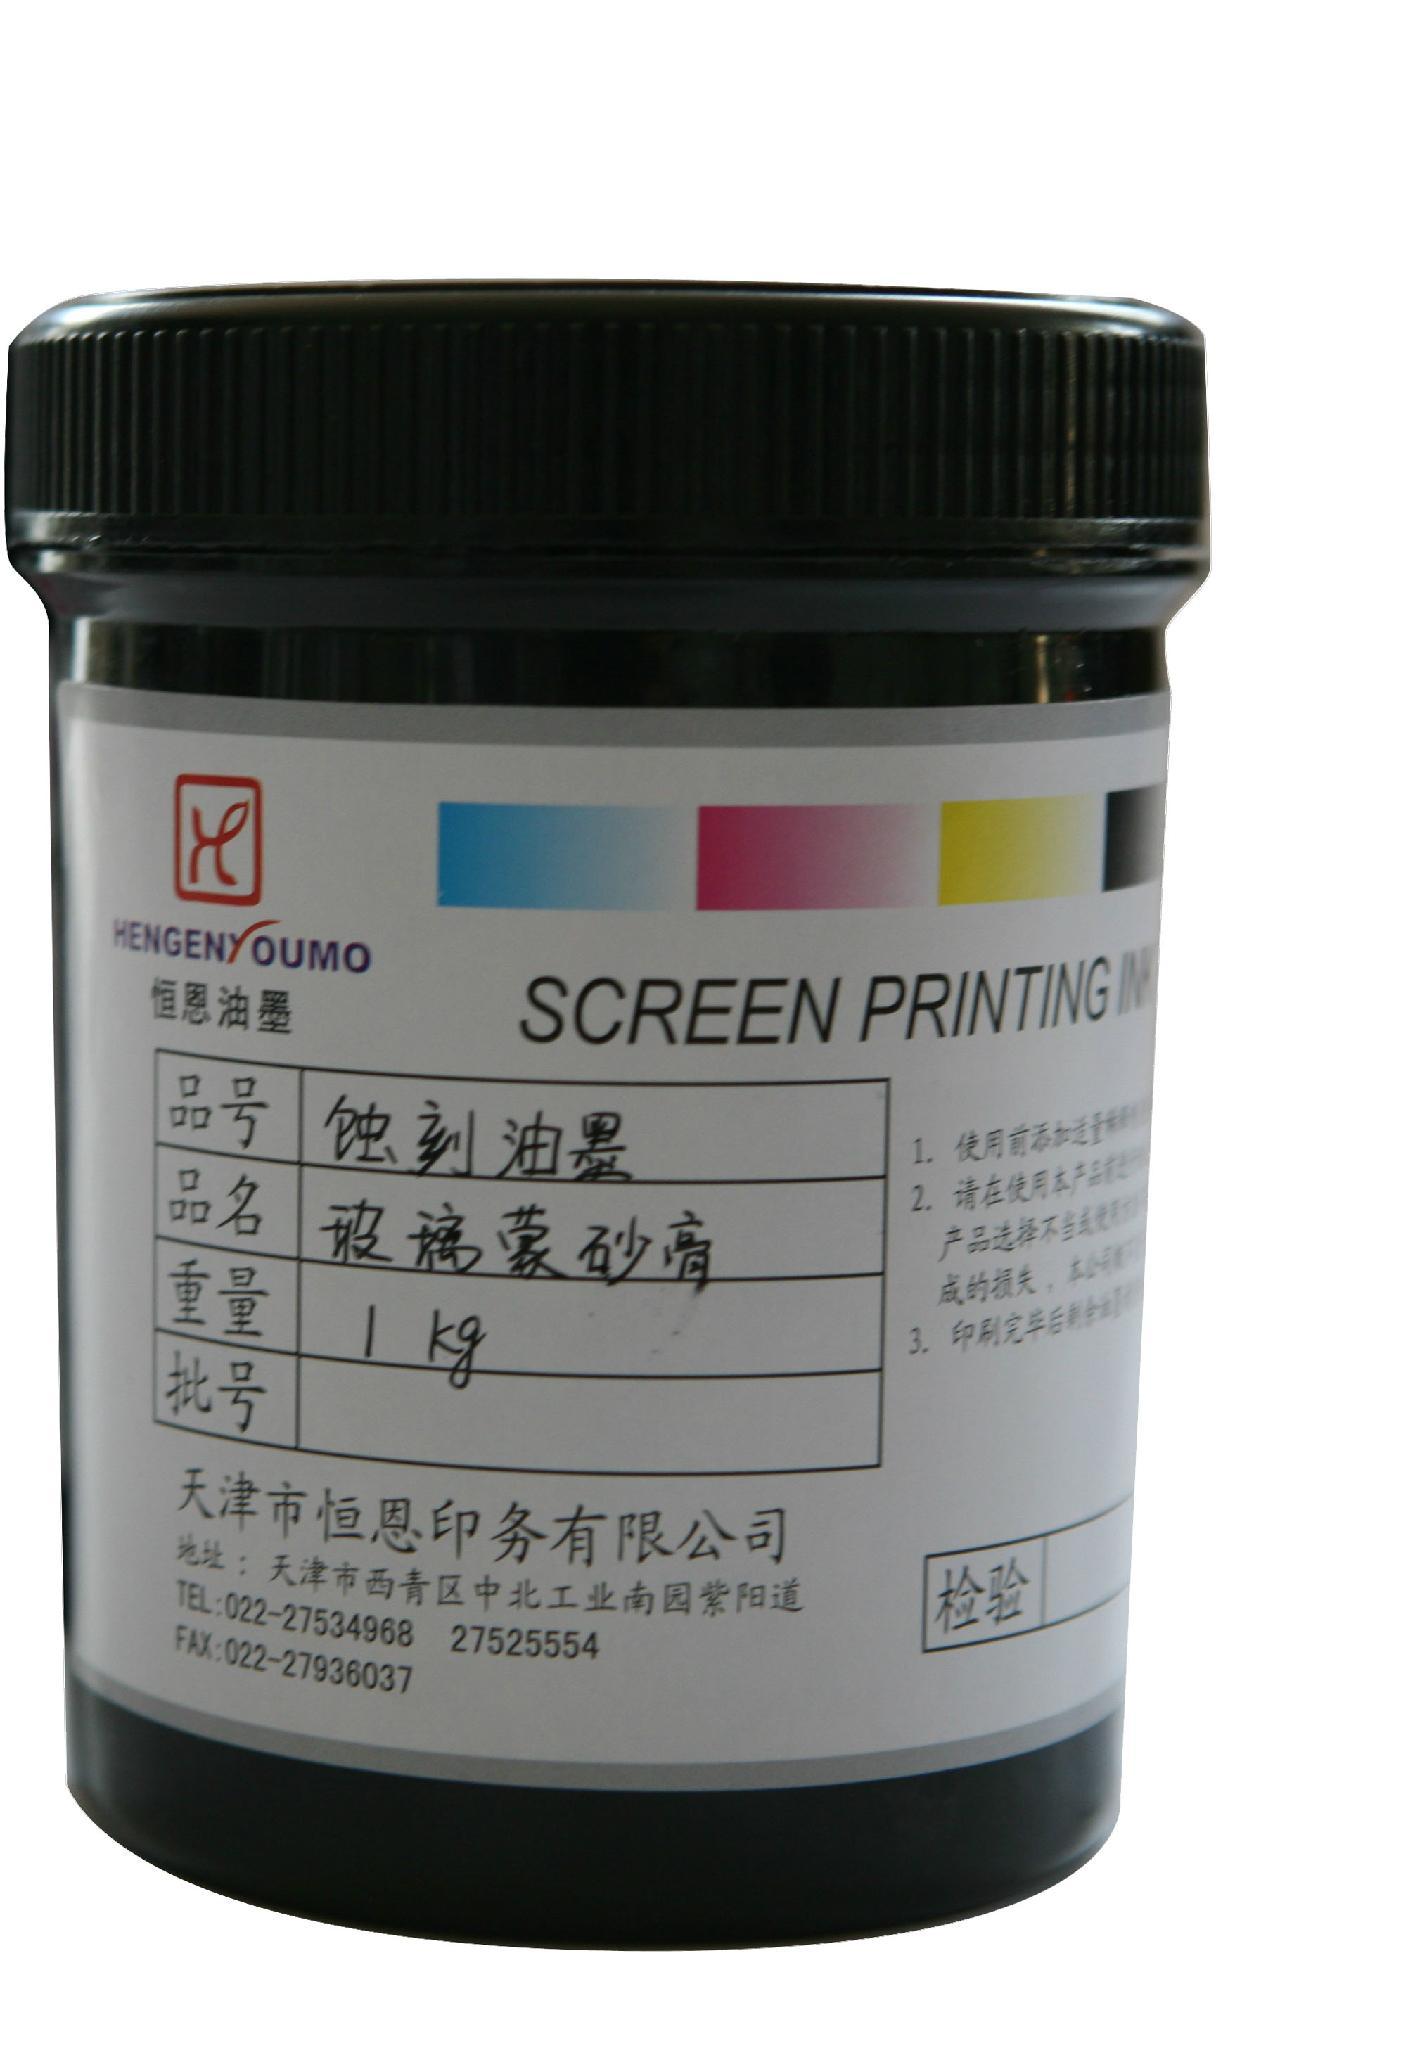 蒙砂玻璃油墨 2